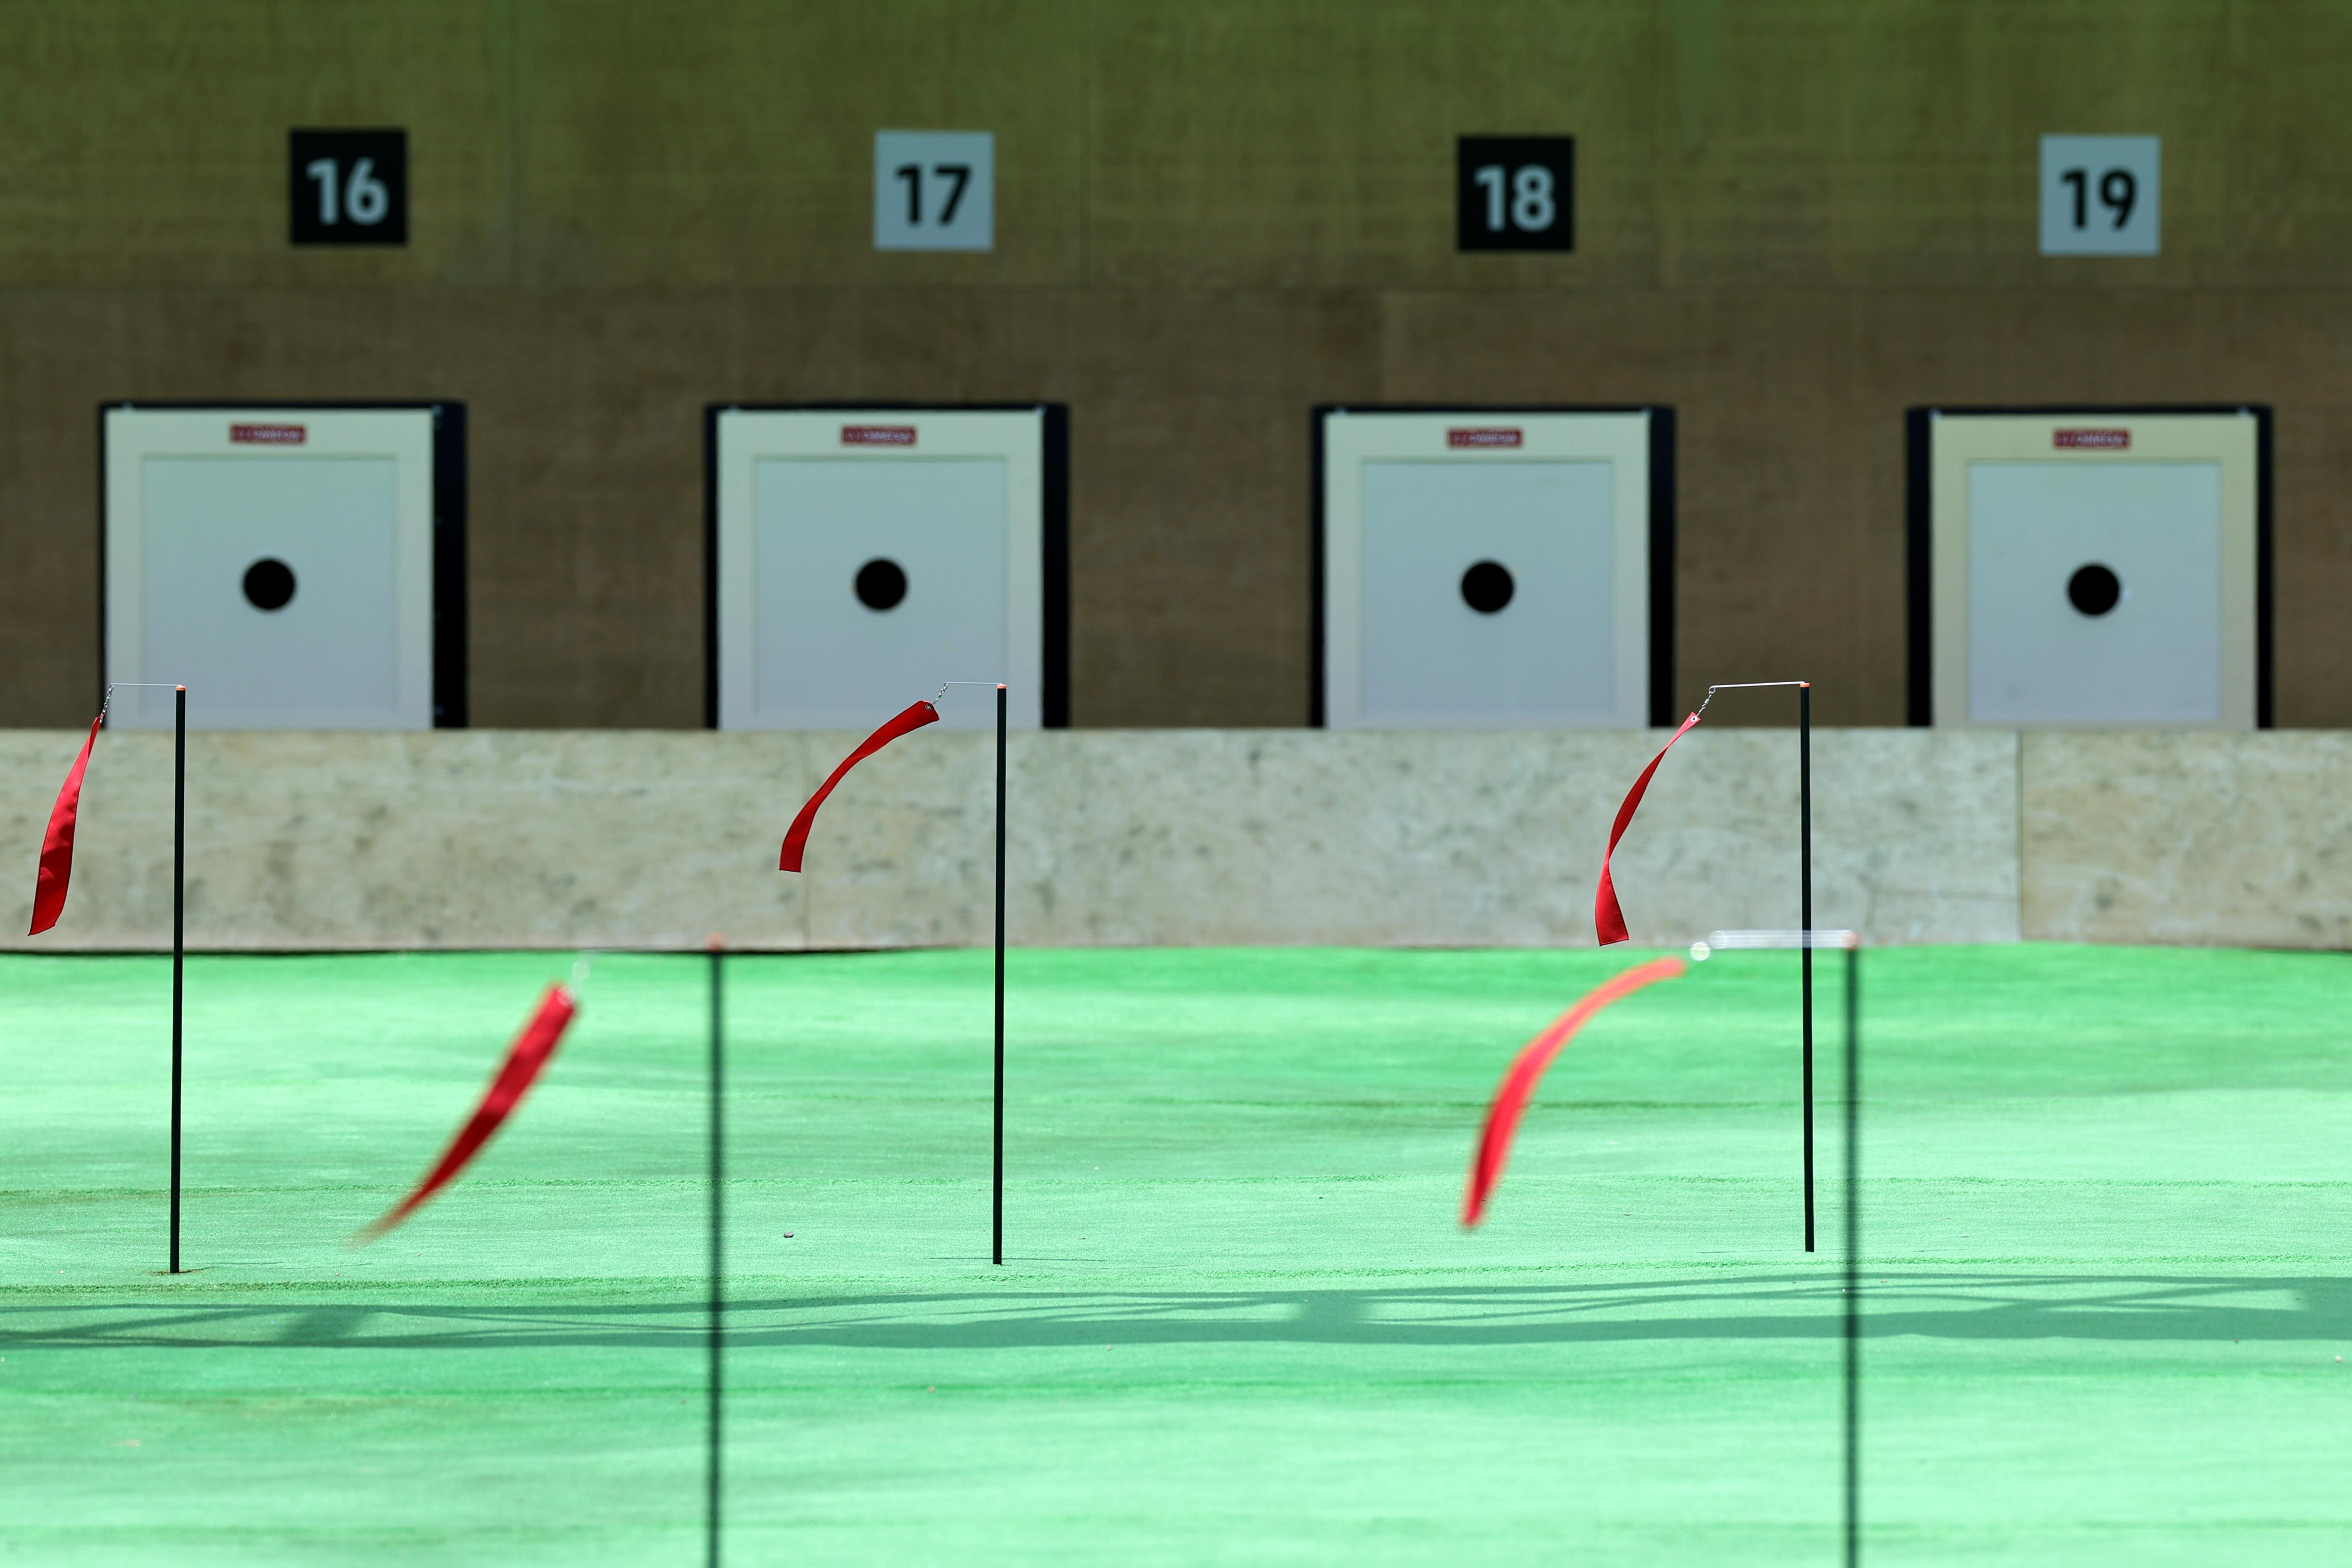 ▲▼烏克蘭射擊選手庫里什在決賽時失誤射中別人的靶,從8人中最先被淘汰。(圖/路透社)